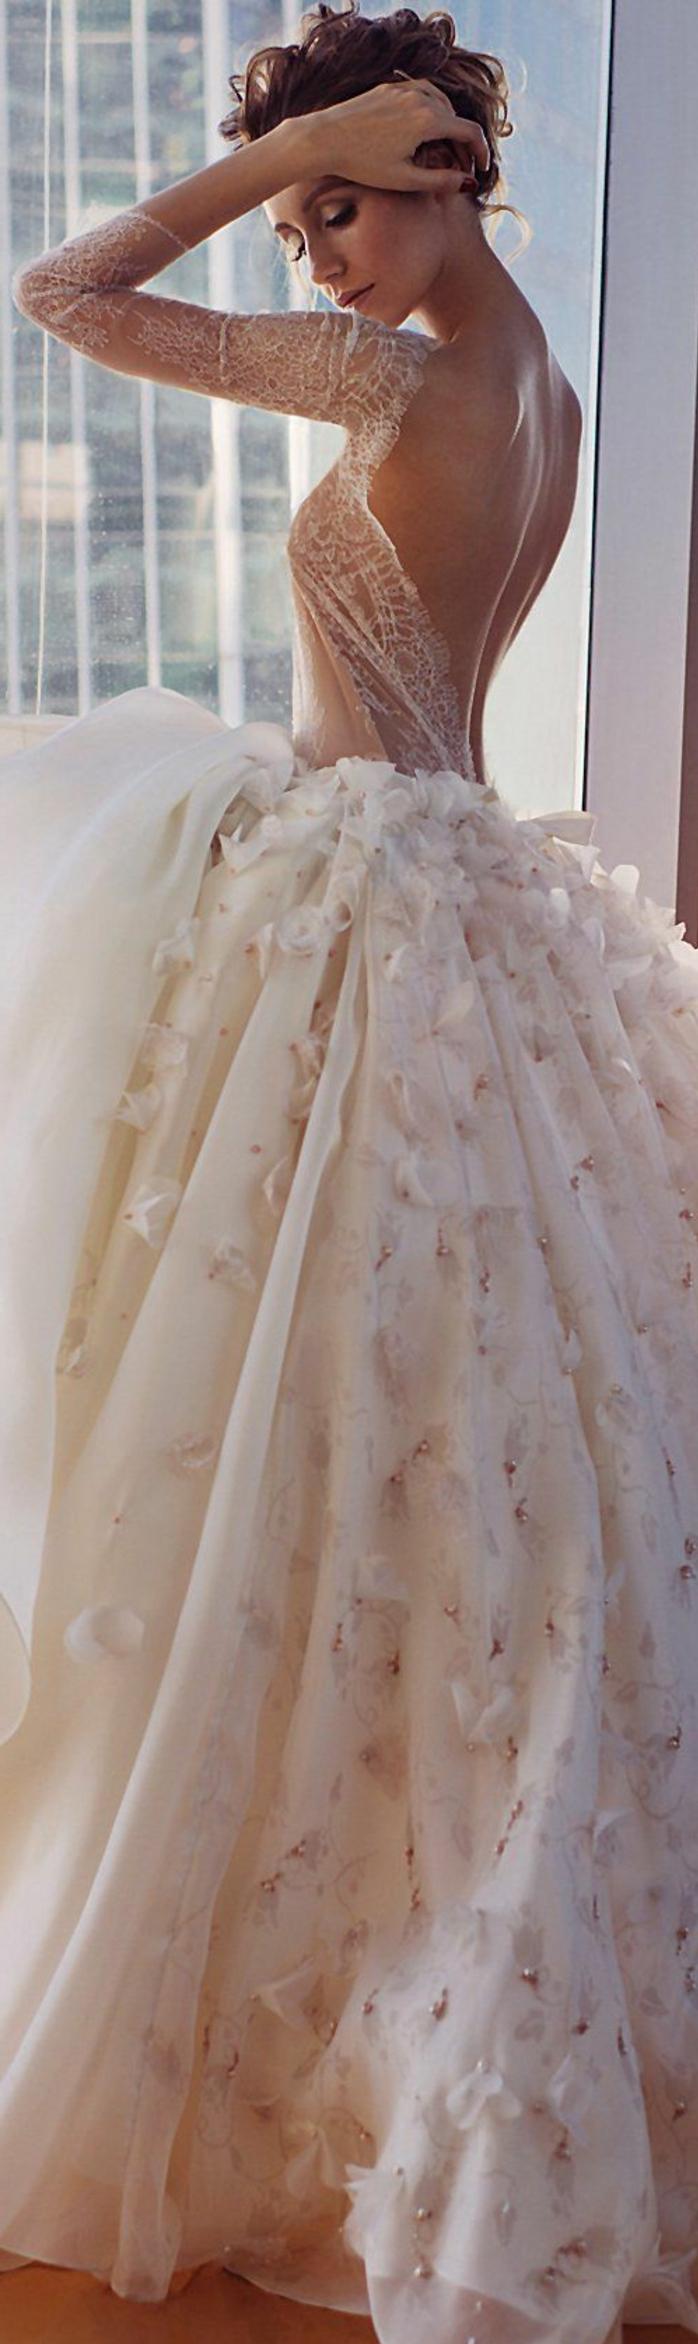 robe mariée couleur, robe bouffante magnifique, dos nu, manches longues de chiffon